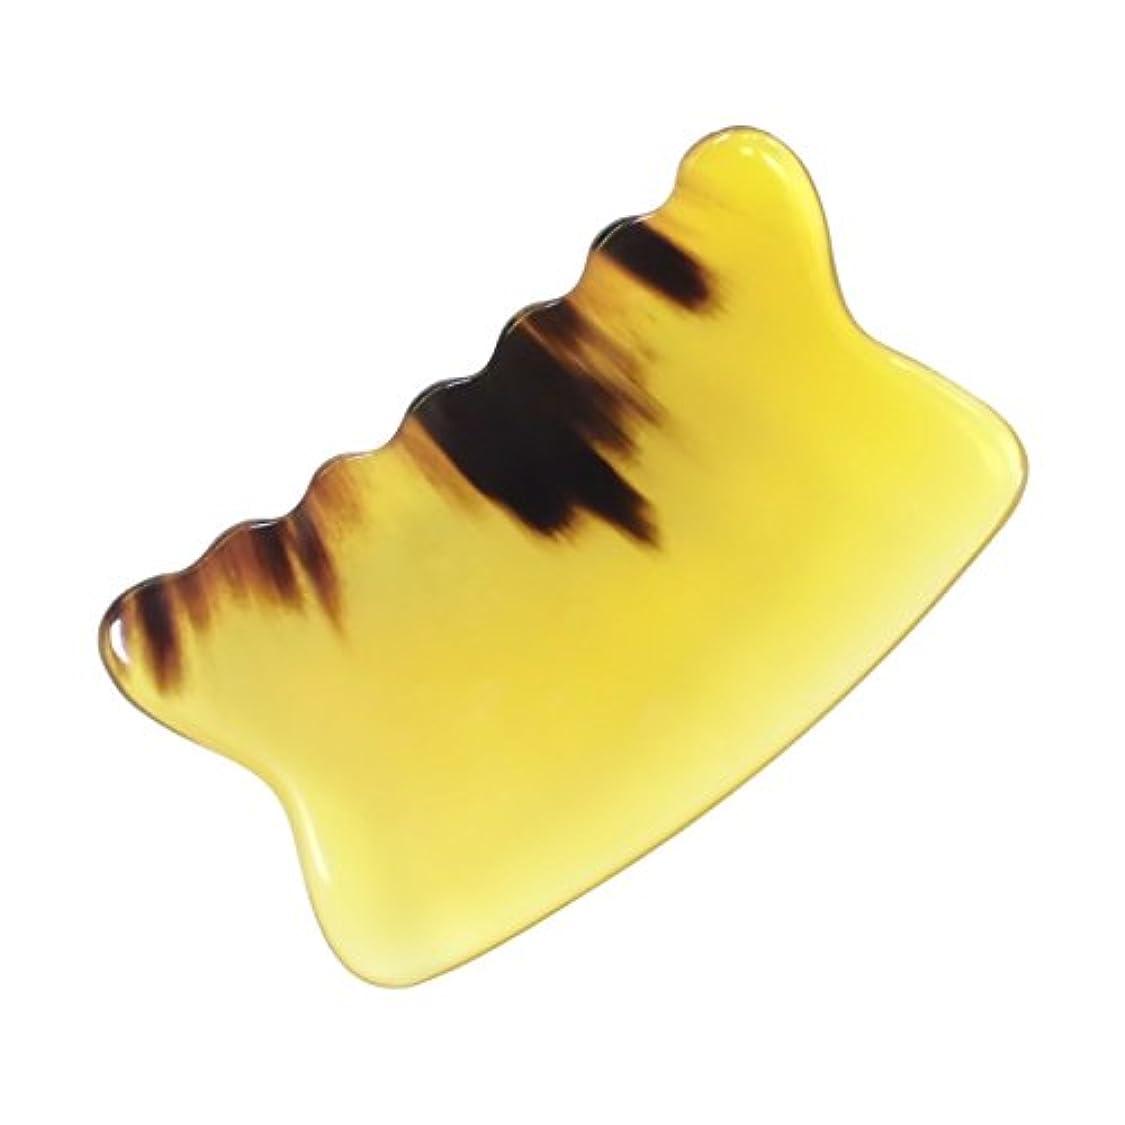 矩形銀行八かっさ プレート 希少67 黄水牛角 極美品 曲波型